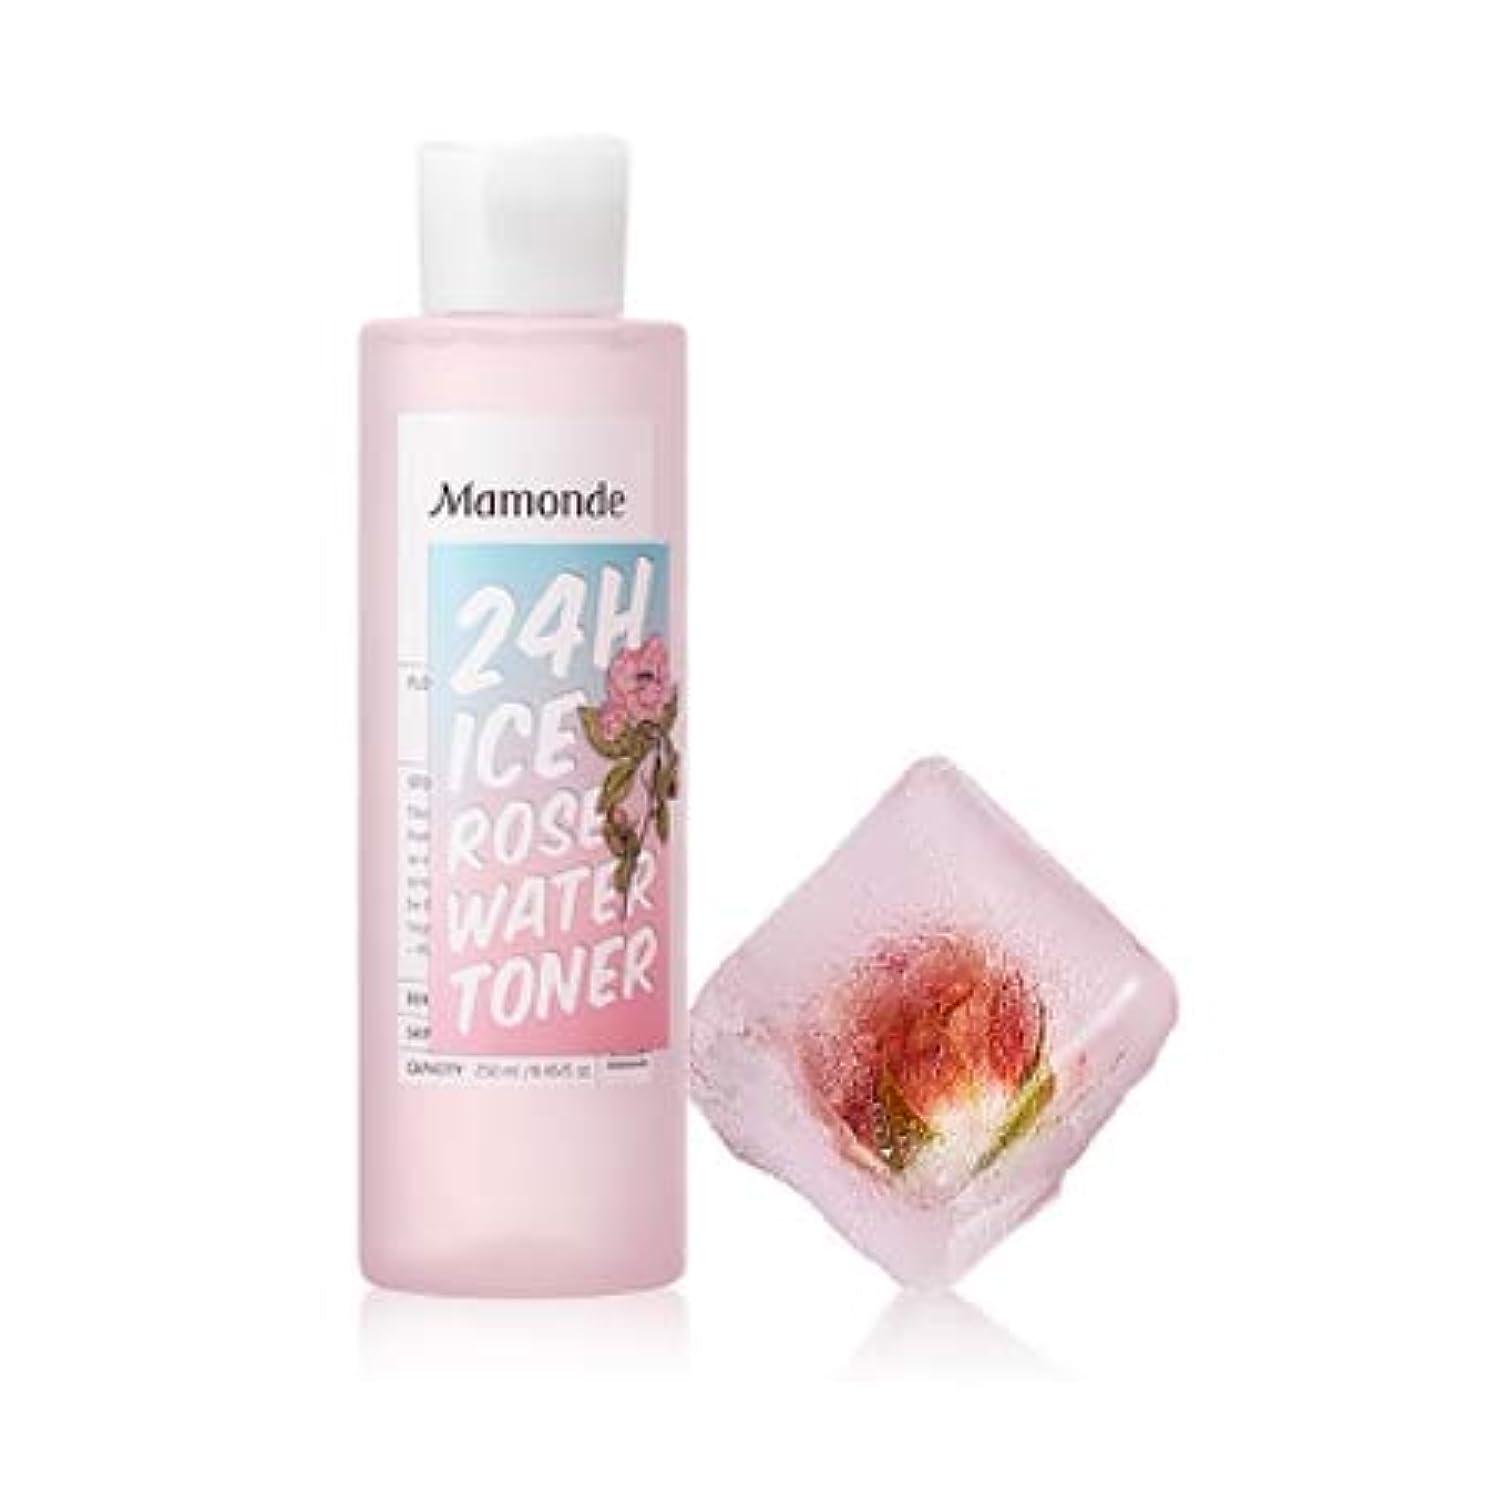 愛情安西計算可能【マモンド.mamonde](公式)24Hアイスローズウォータートナー(250ml)(2019.05 new product)/ ice rose water toner